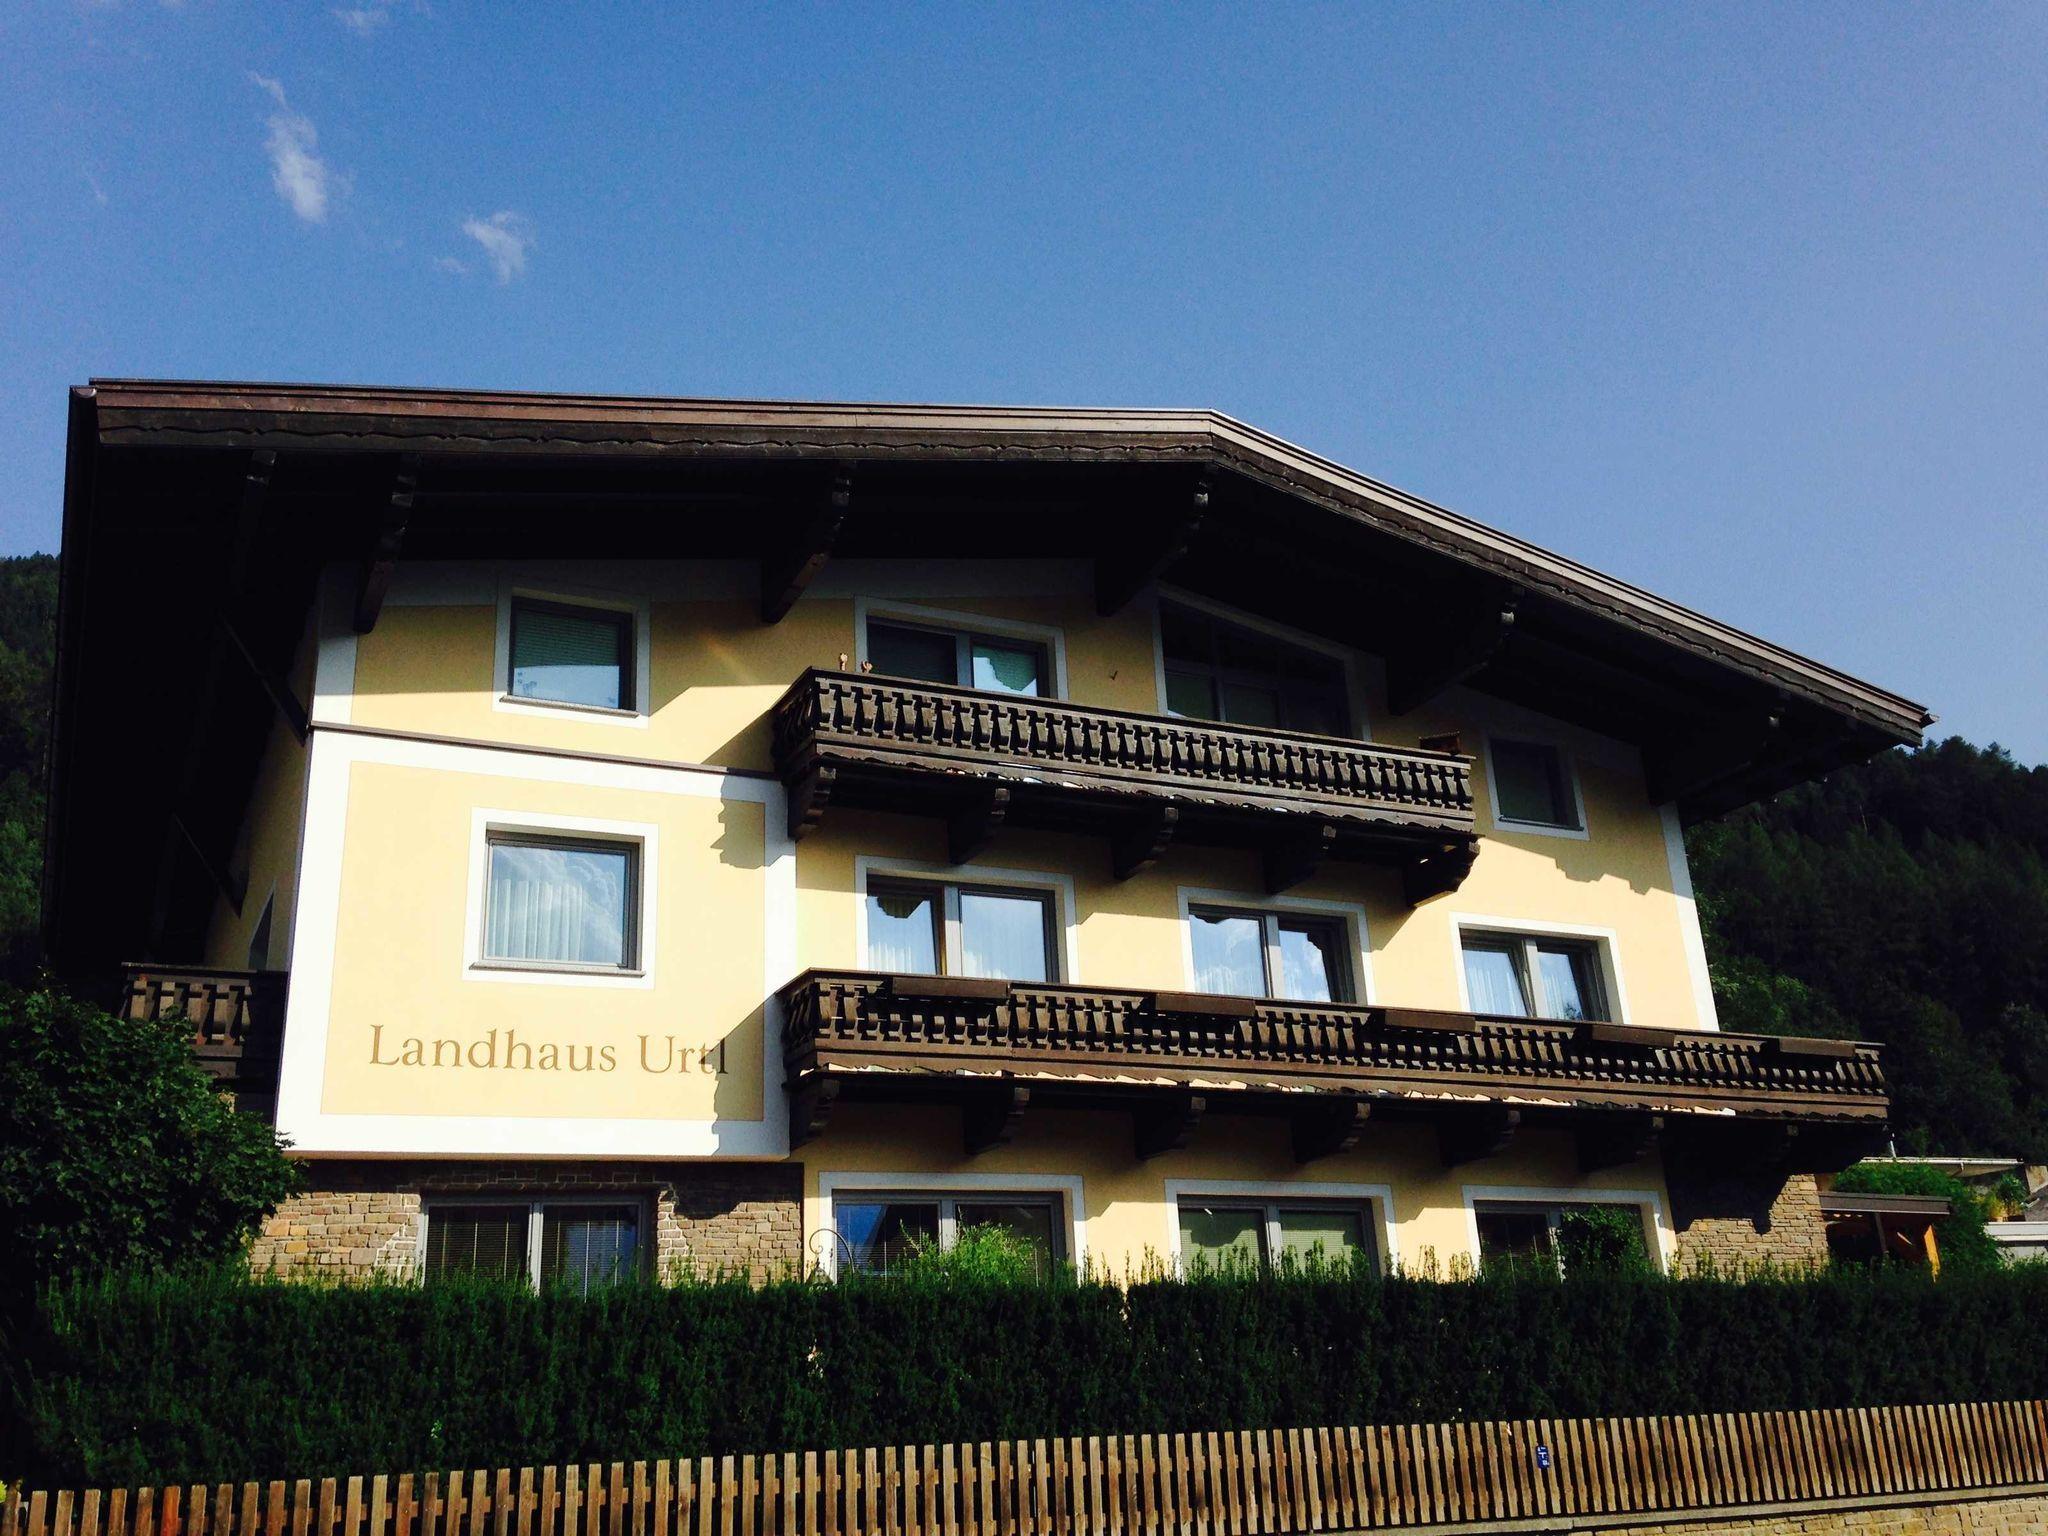 Landhaus Urtl